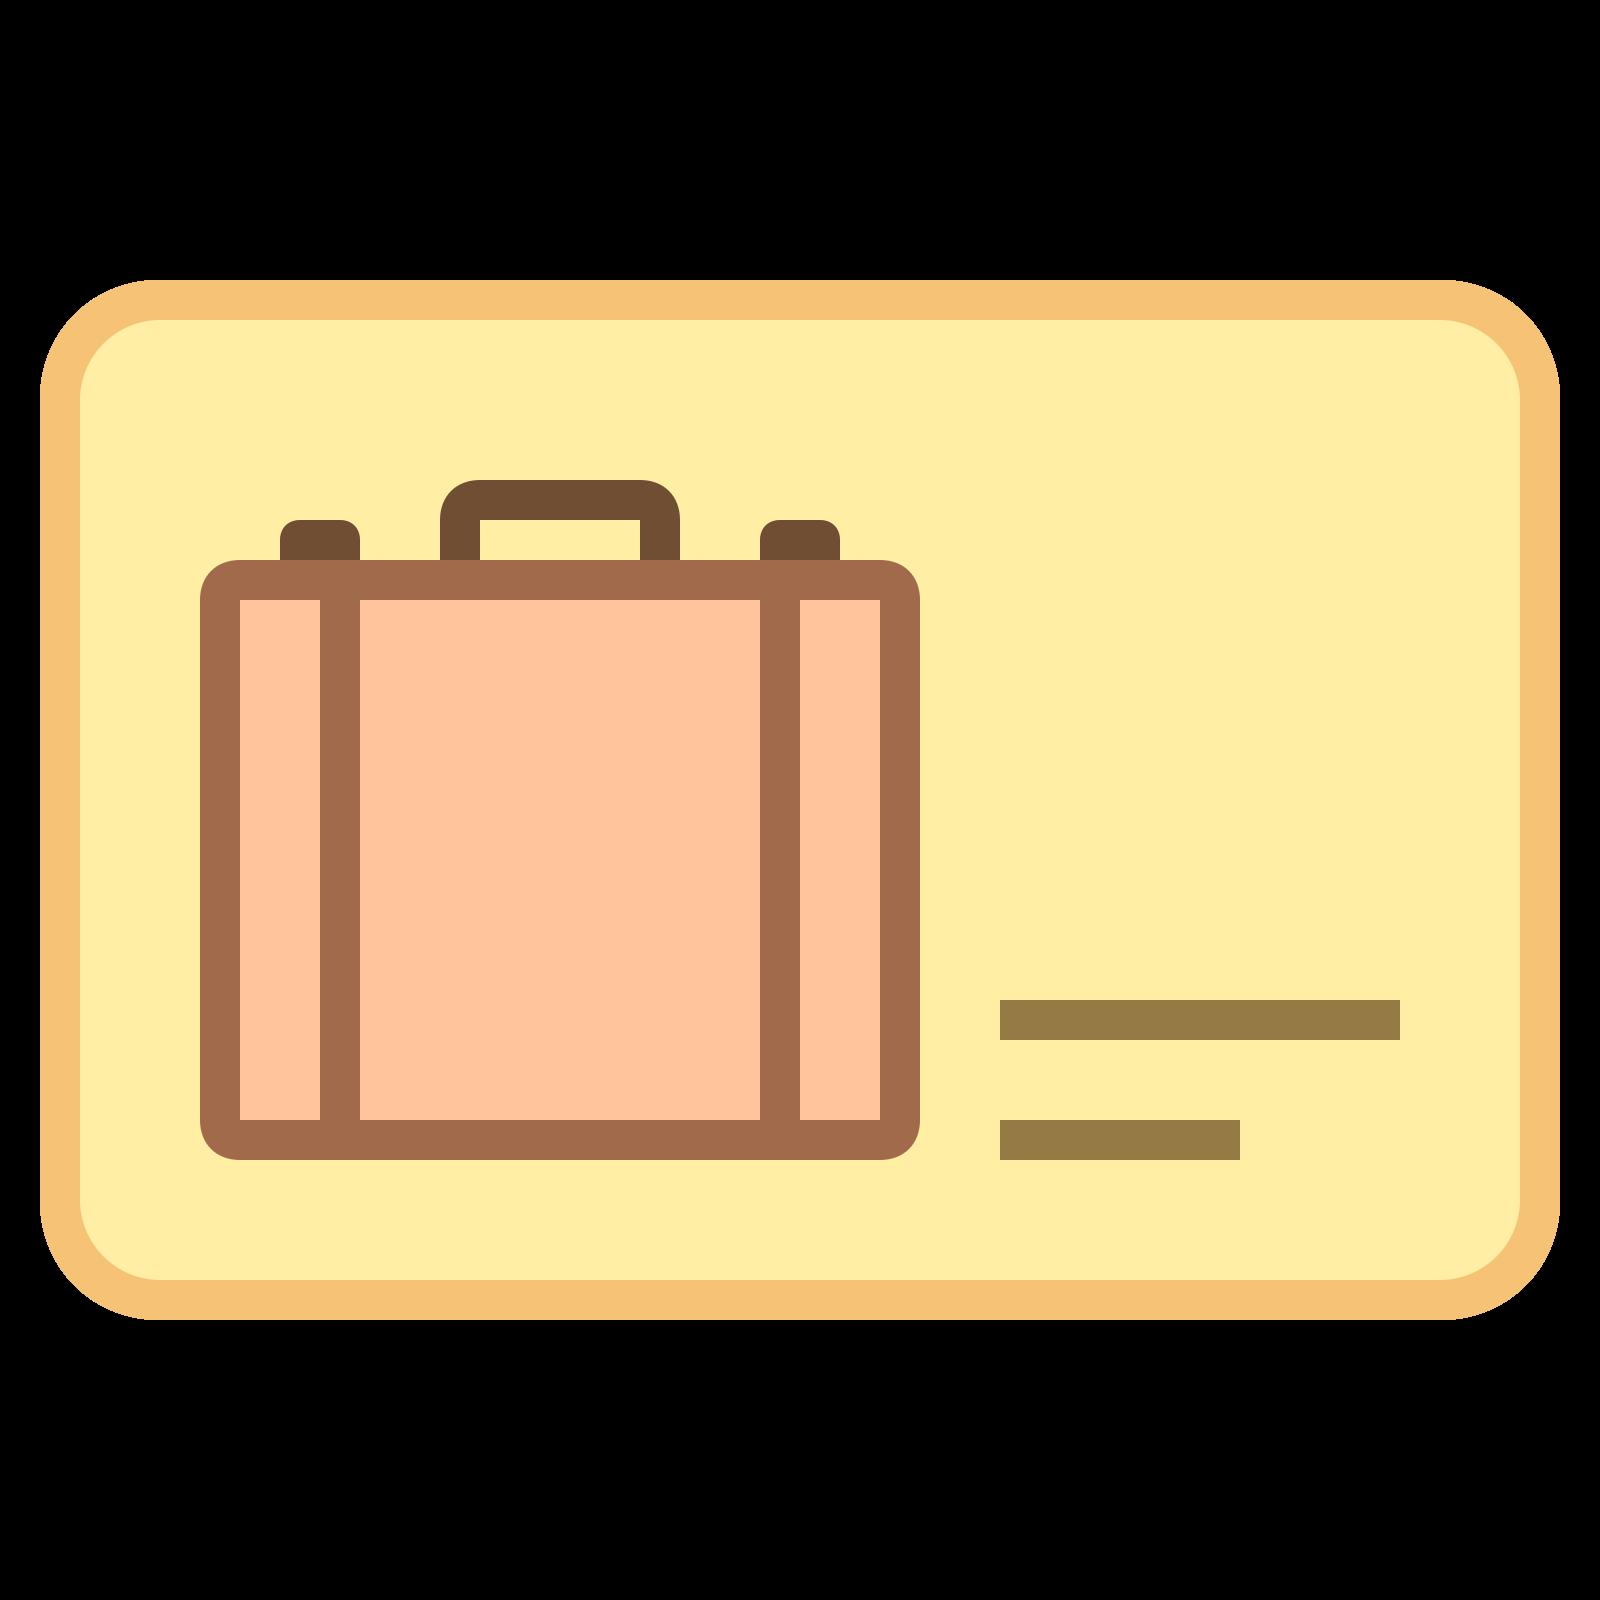 Carte de voyage icon